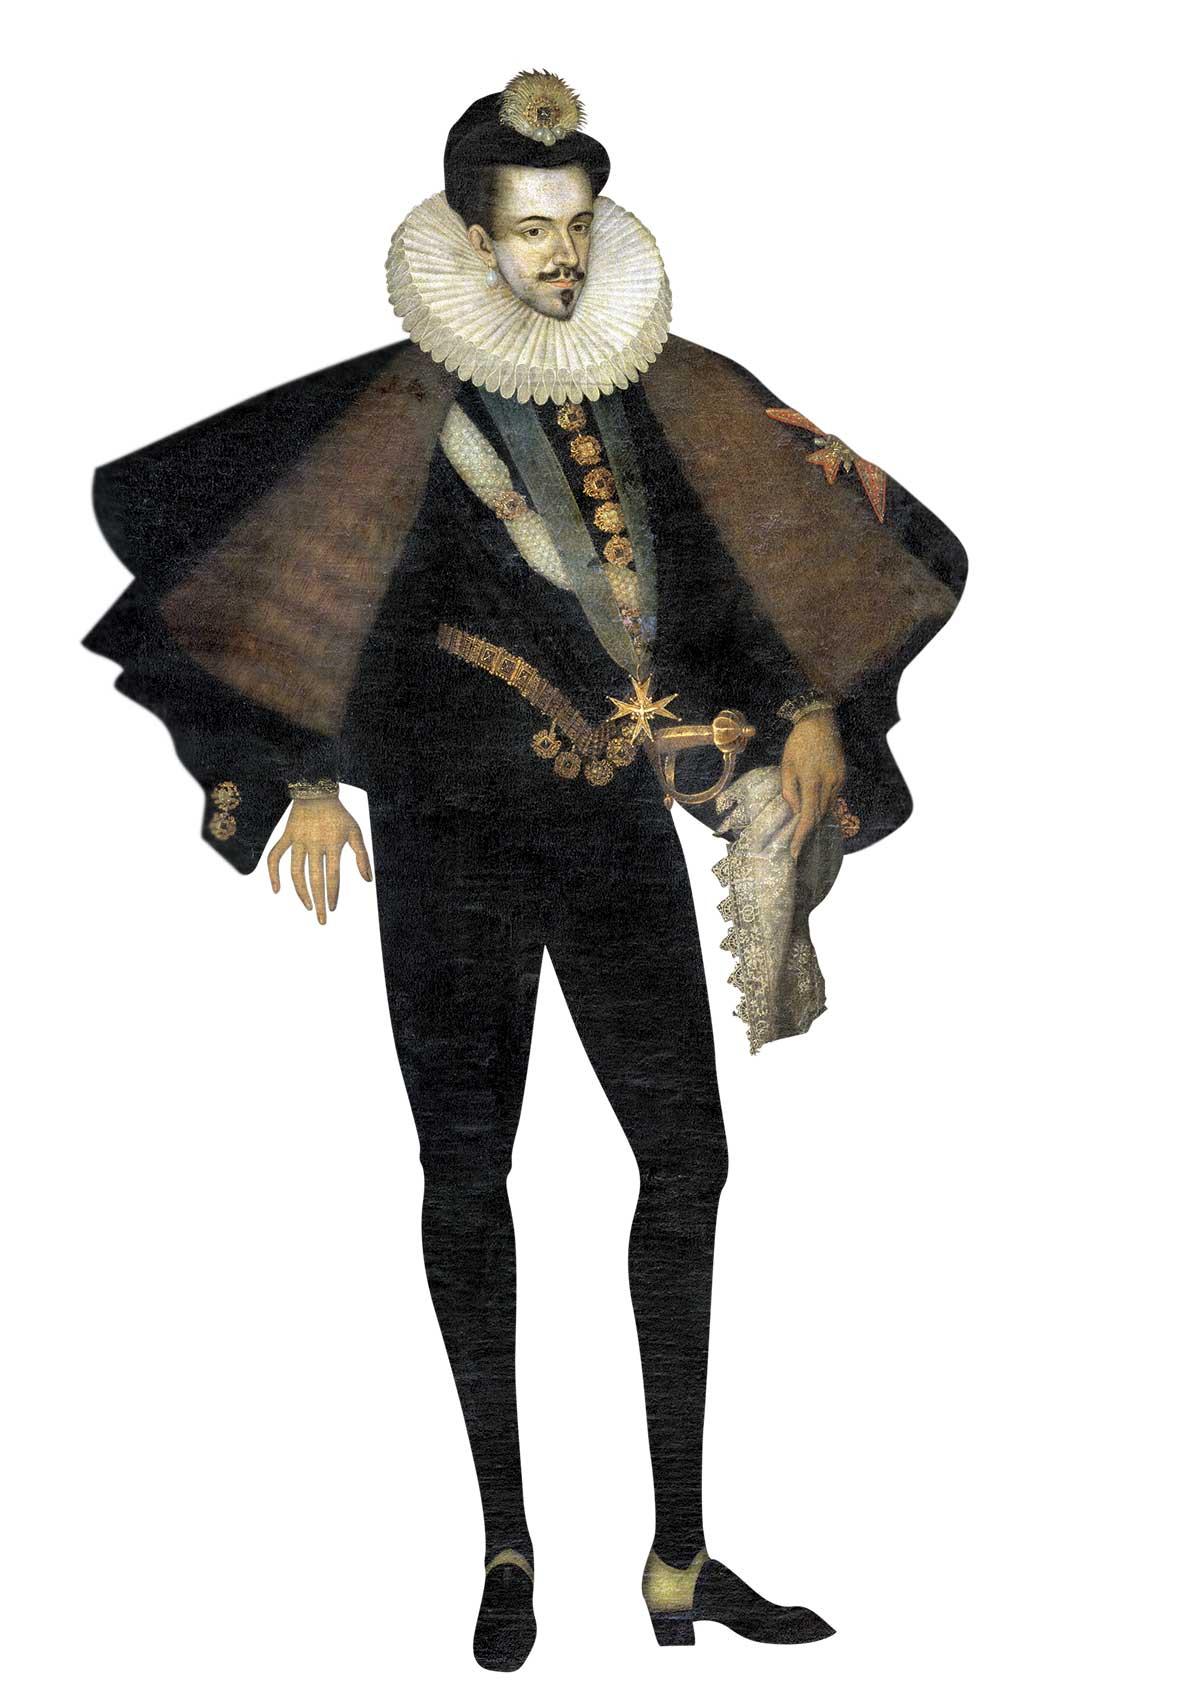 album les40110935. Enrique III. Retrato anónimo. Siglo XVI. Museo del Louvre, París.